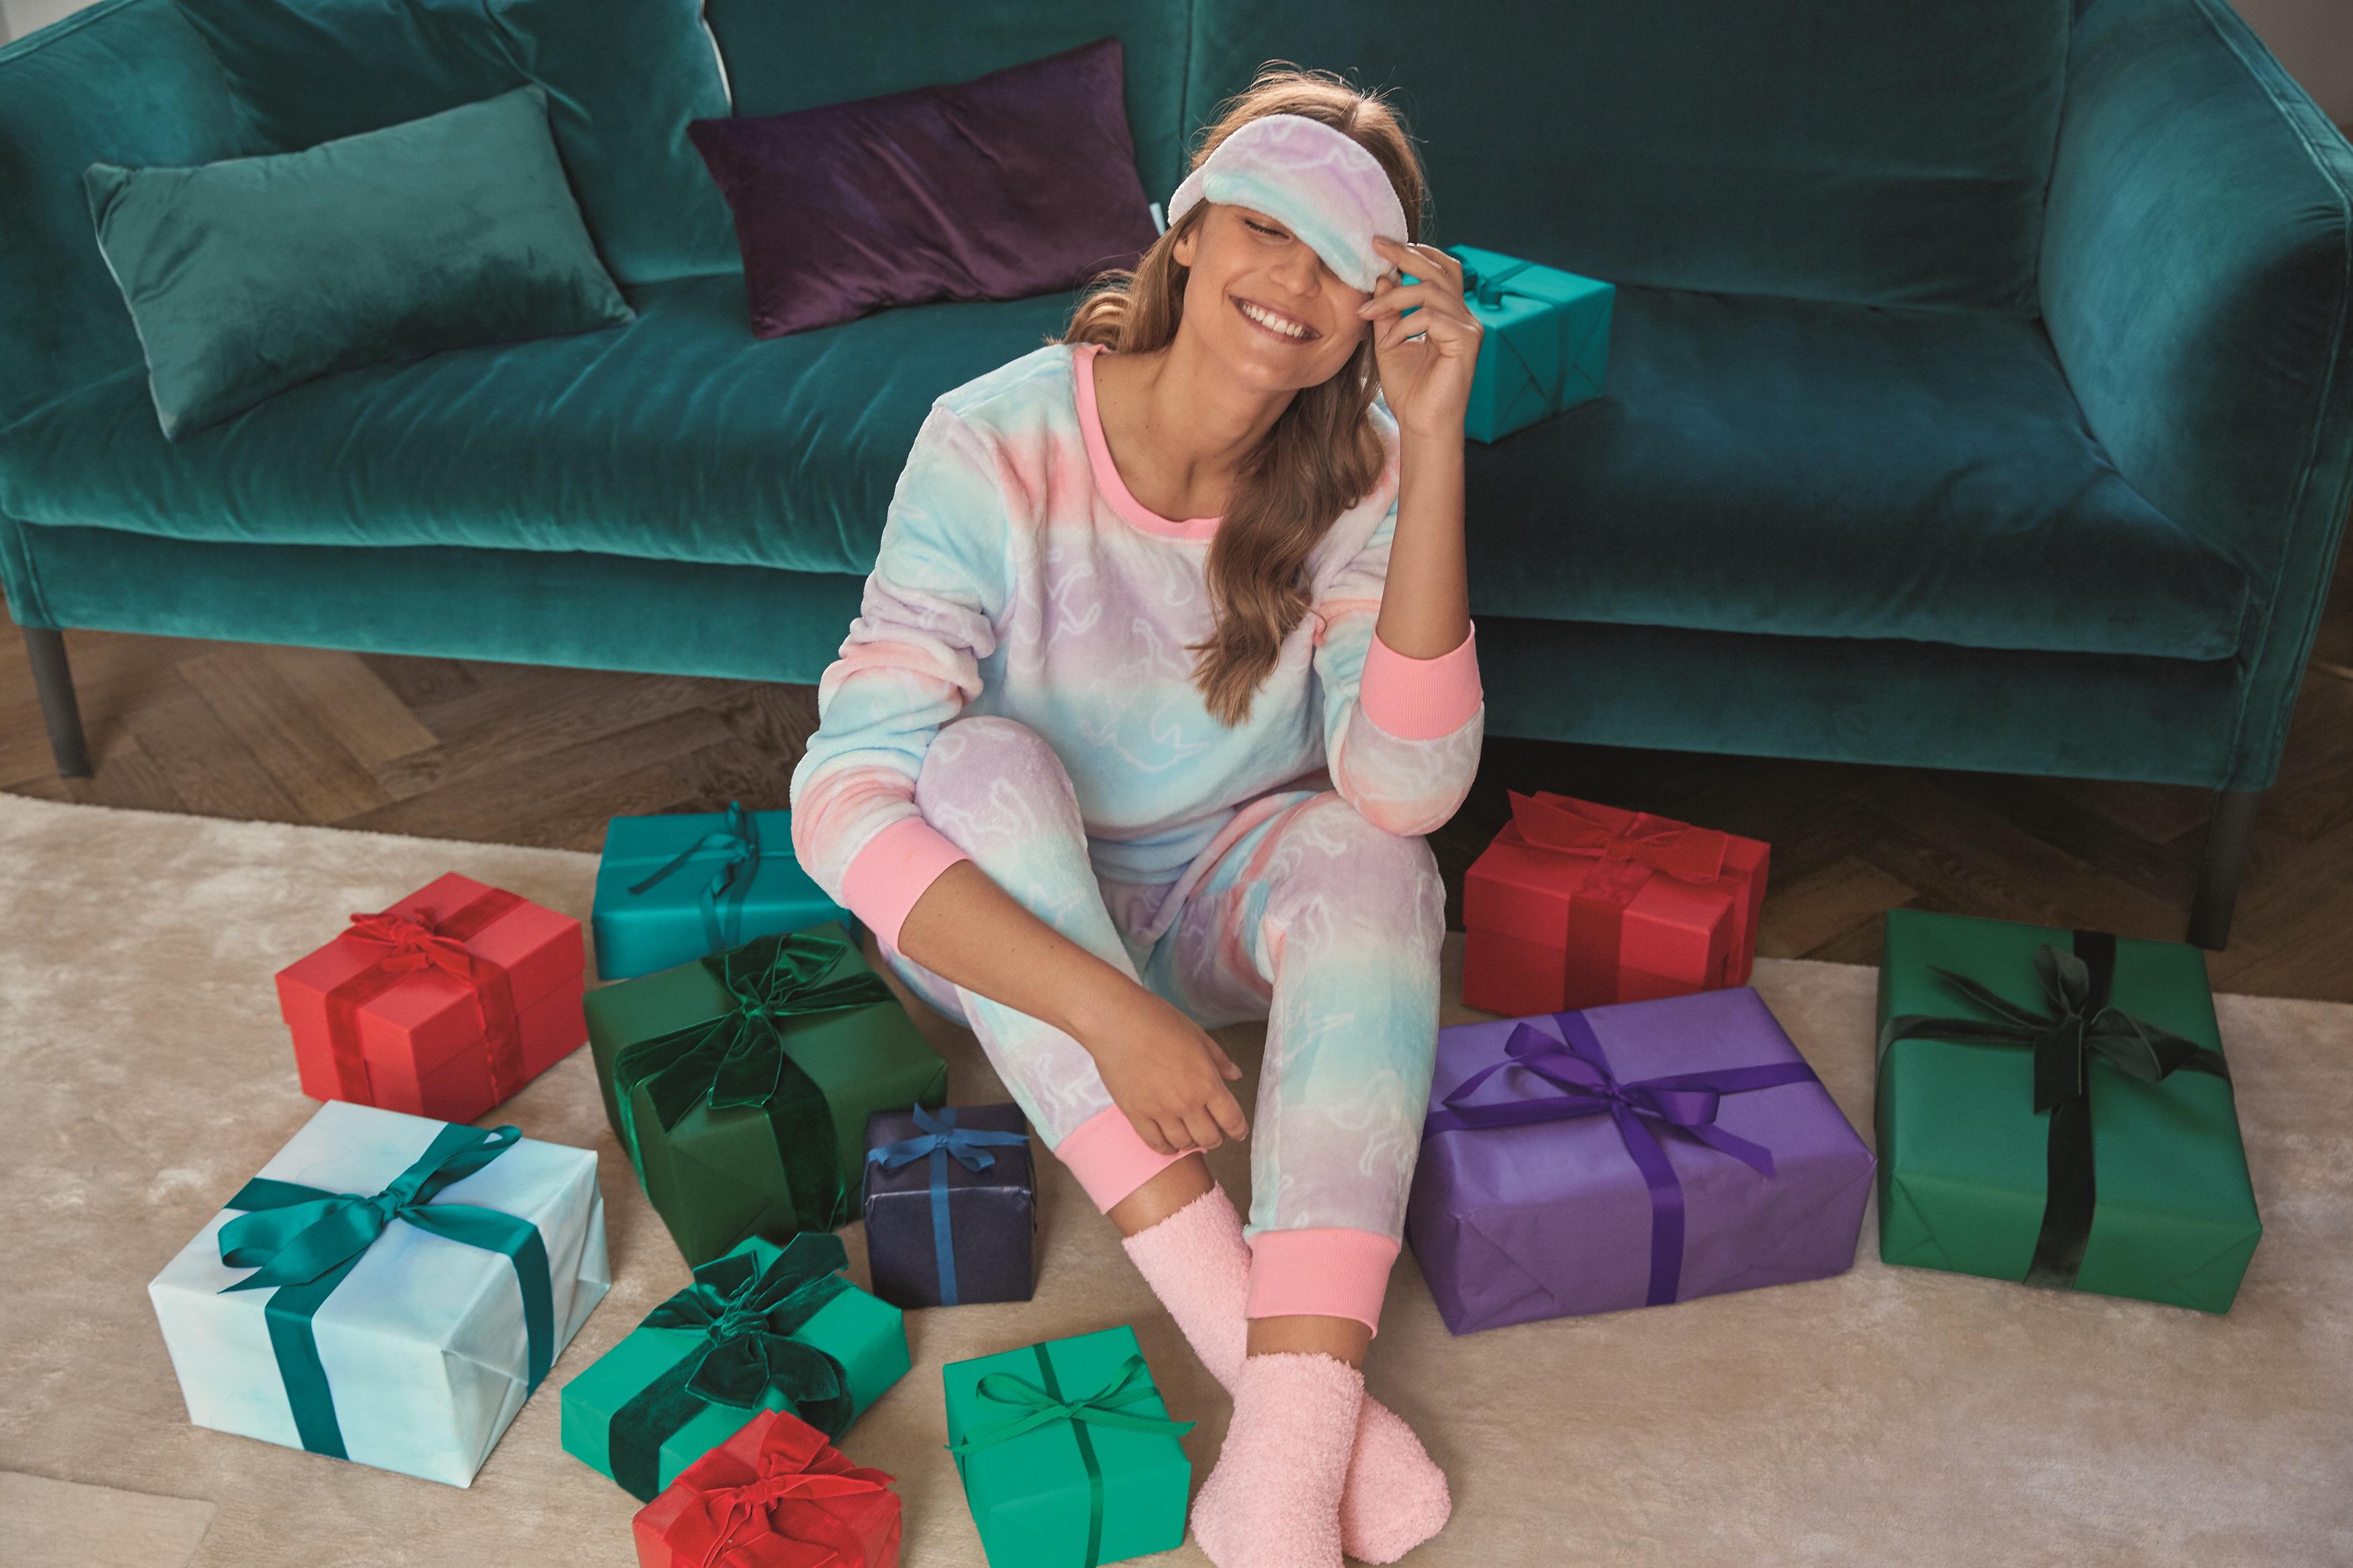 Colecția de pijamale Marks & Spencer pentru sezonul rece